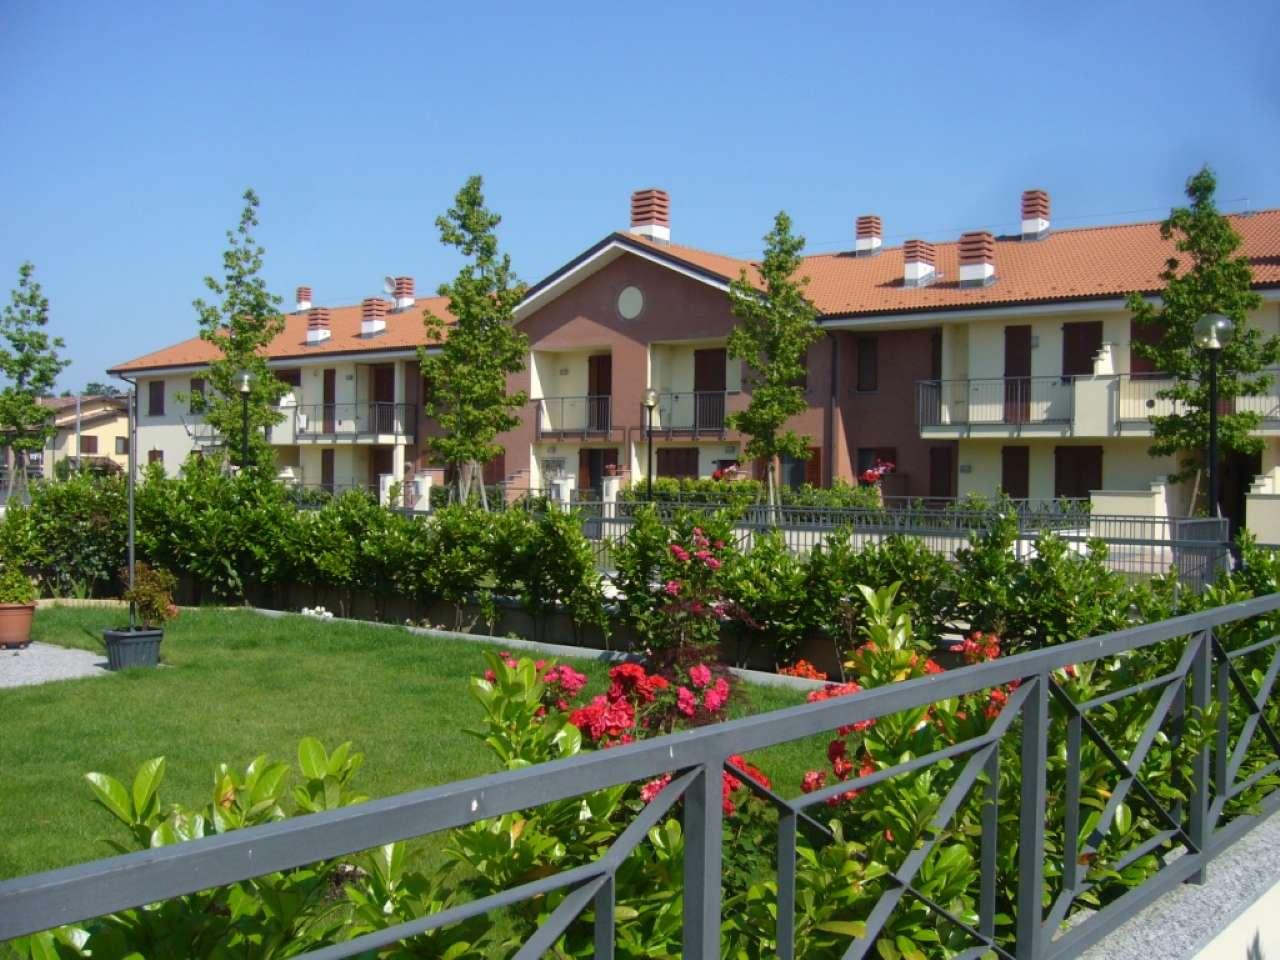 Appartamento in vendita a Ceranova, 3 locali, prezzo € 130.000 | PortaleAgenzieImmobiliari.it